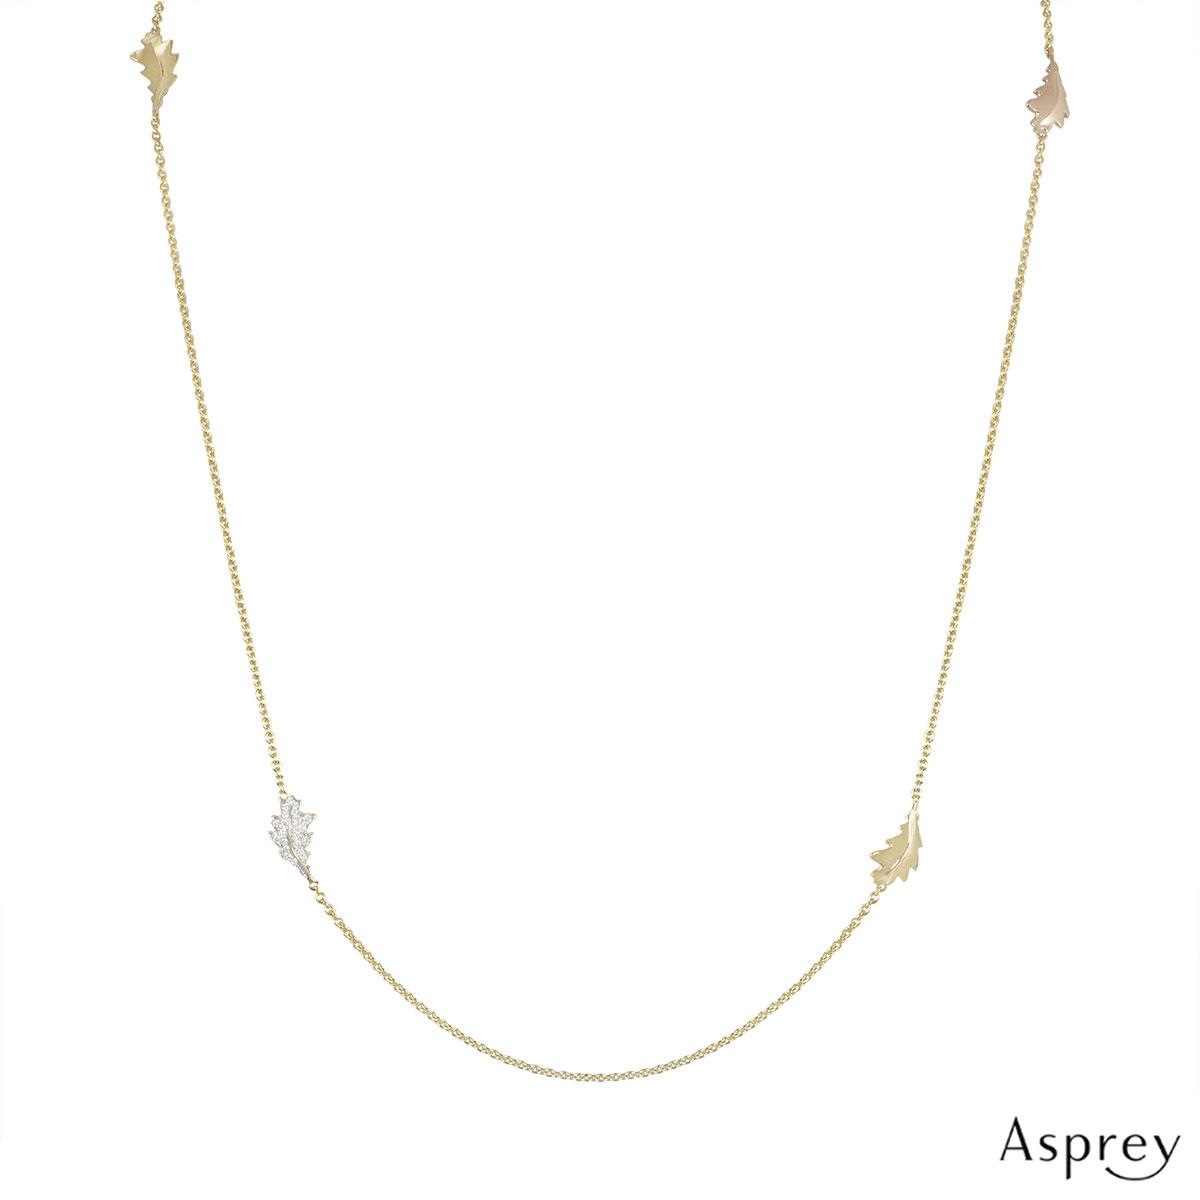 Asprey Tri-Colour Diamond Necklace